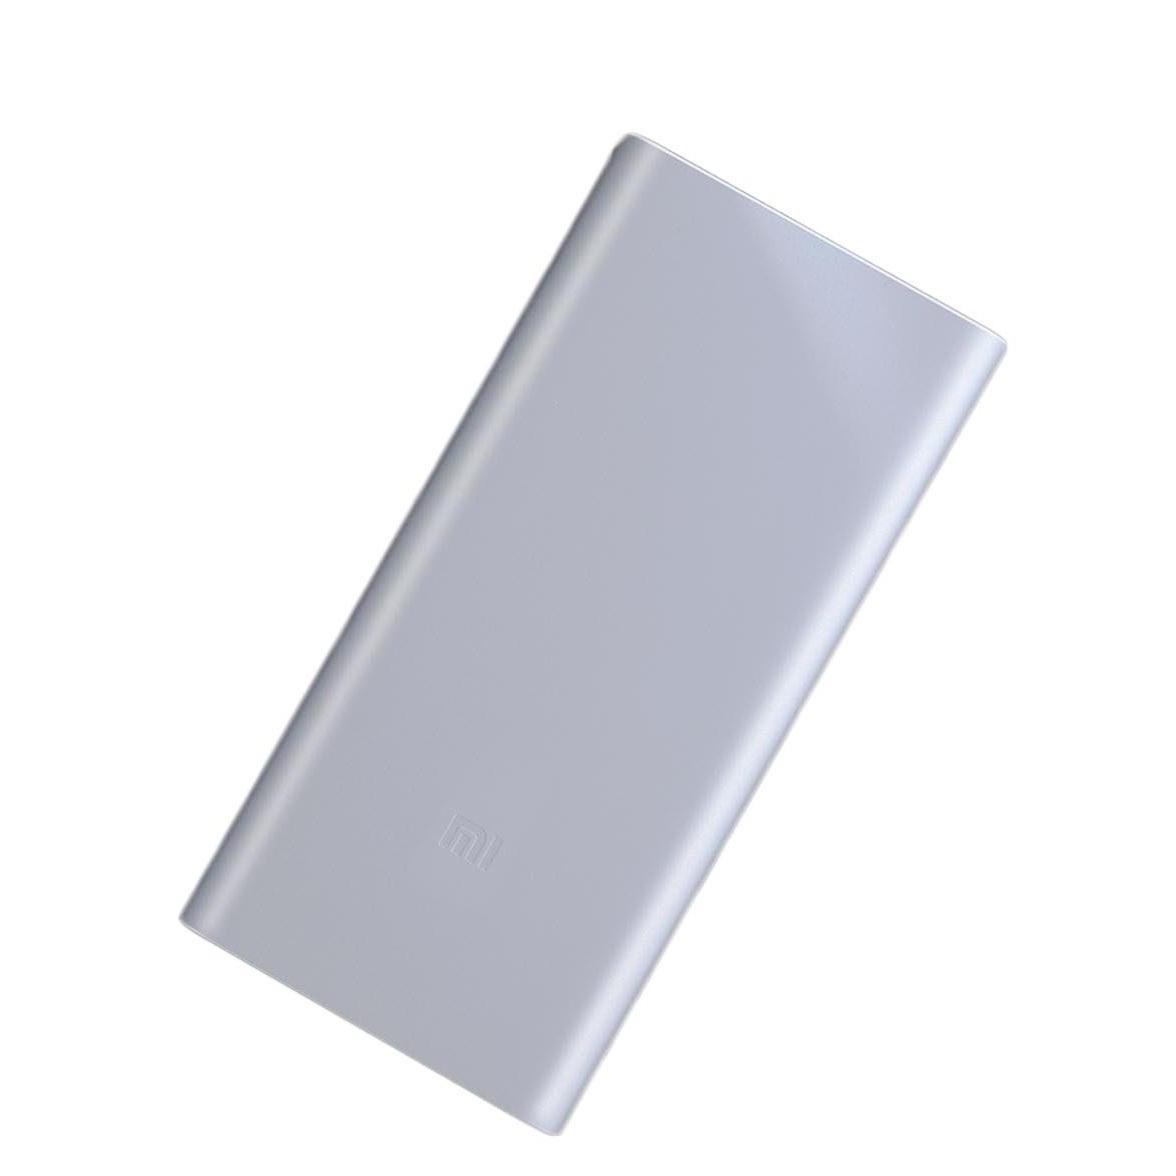 Зовнішній акумулятор Xiaomi Mi Power Bank 2i/2s Silver 10000mAh (PLM09ZM-SL)